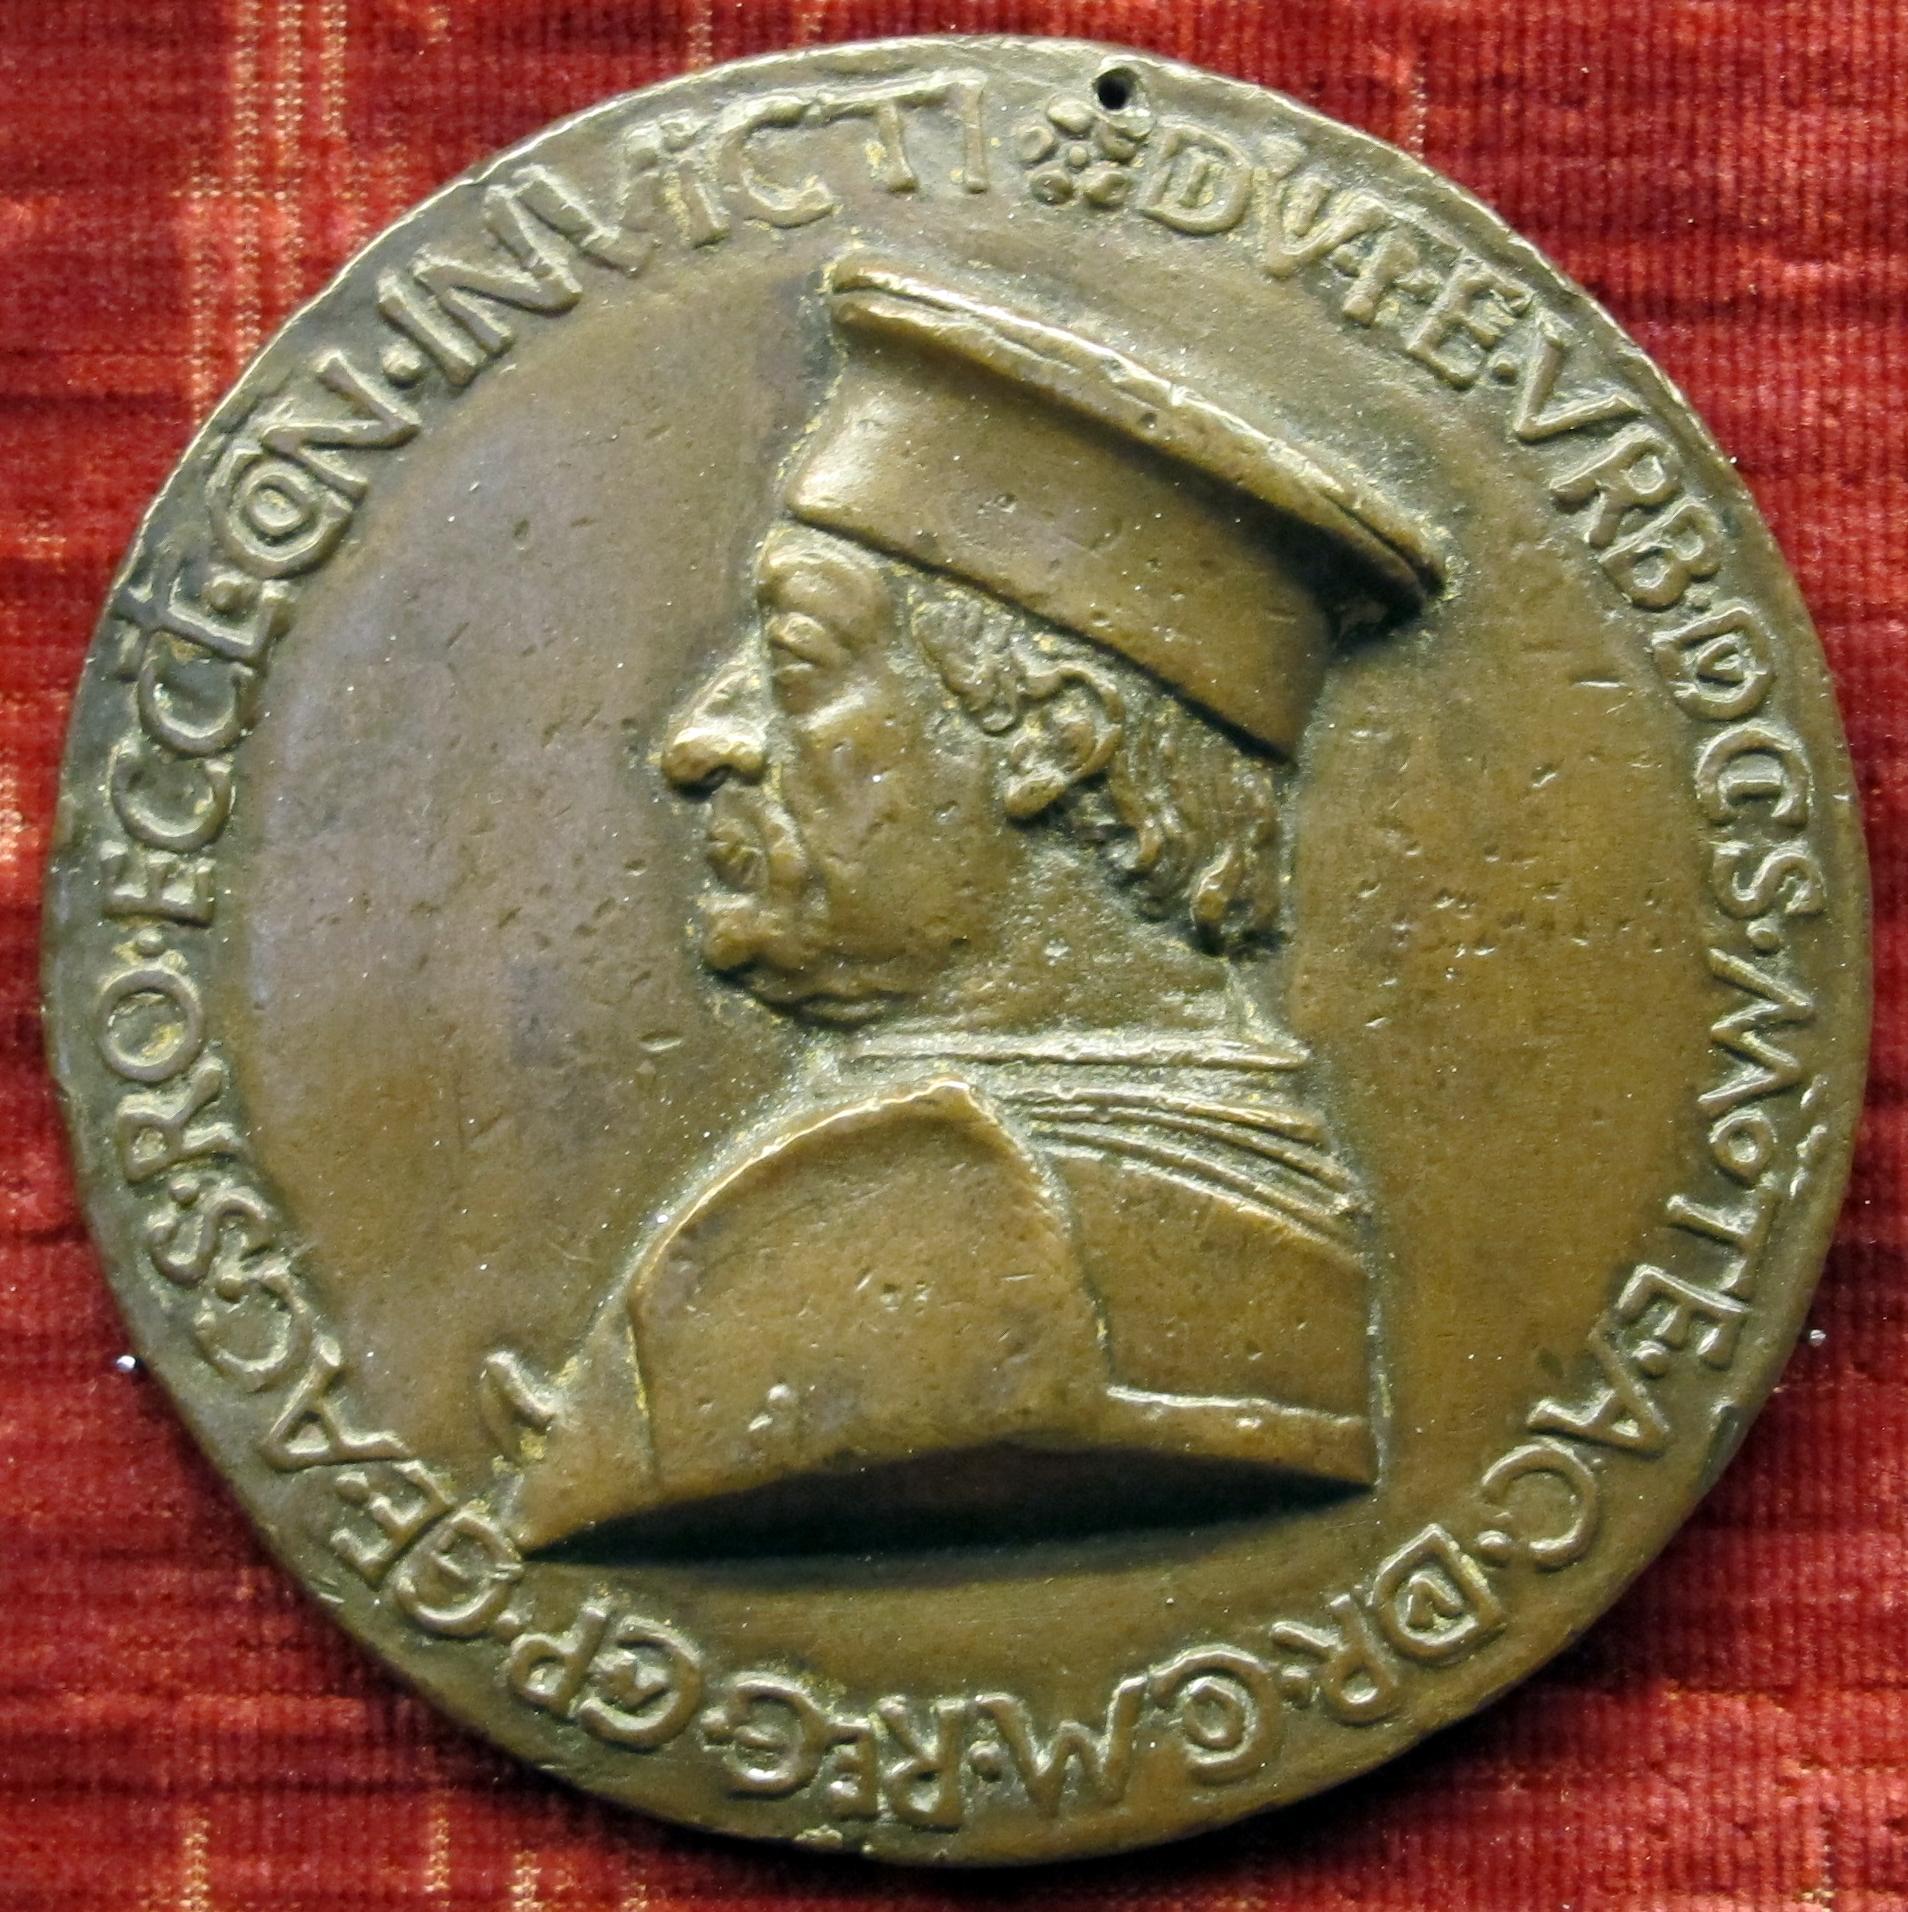 Sperandio savelli, medaglia di federico da montefeltro, duca di urbino.JPG